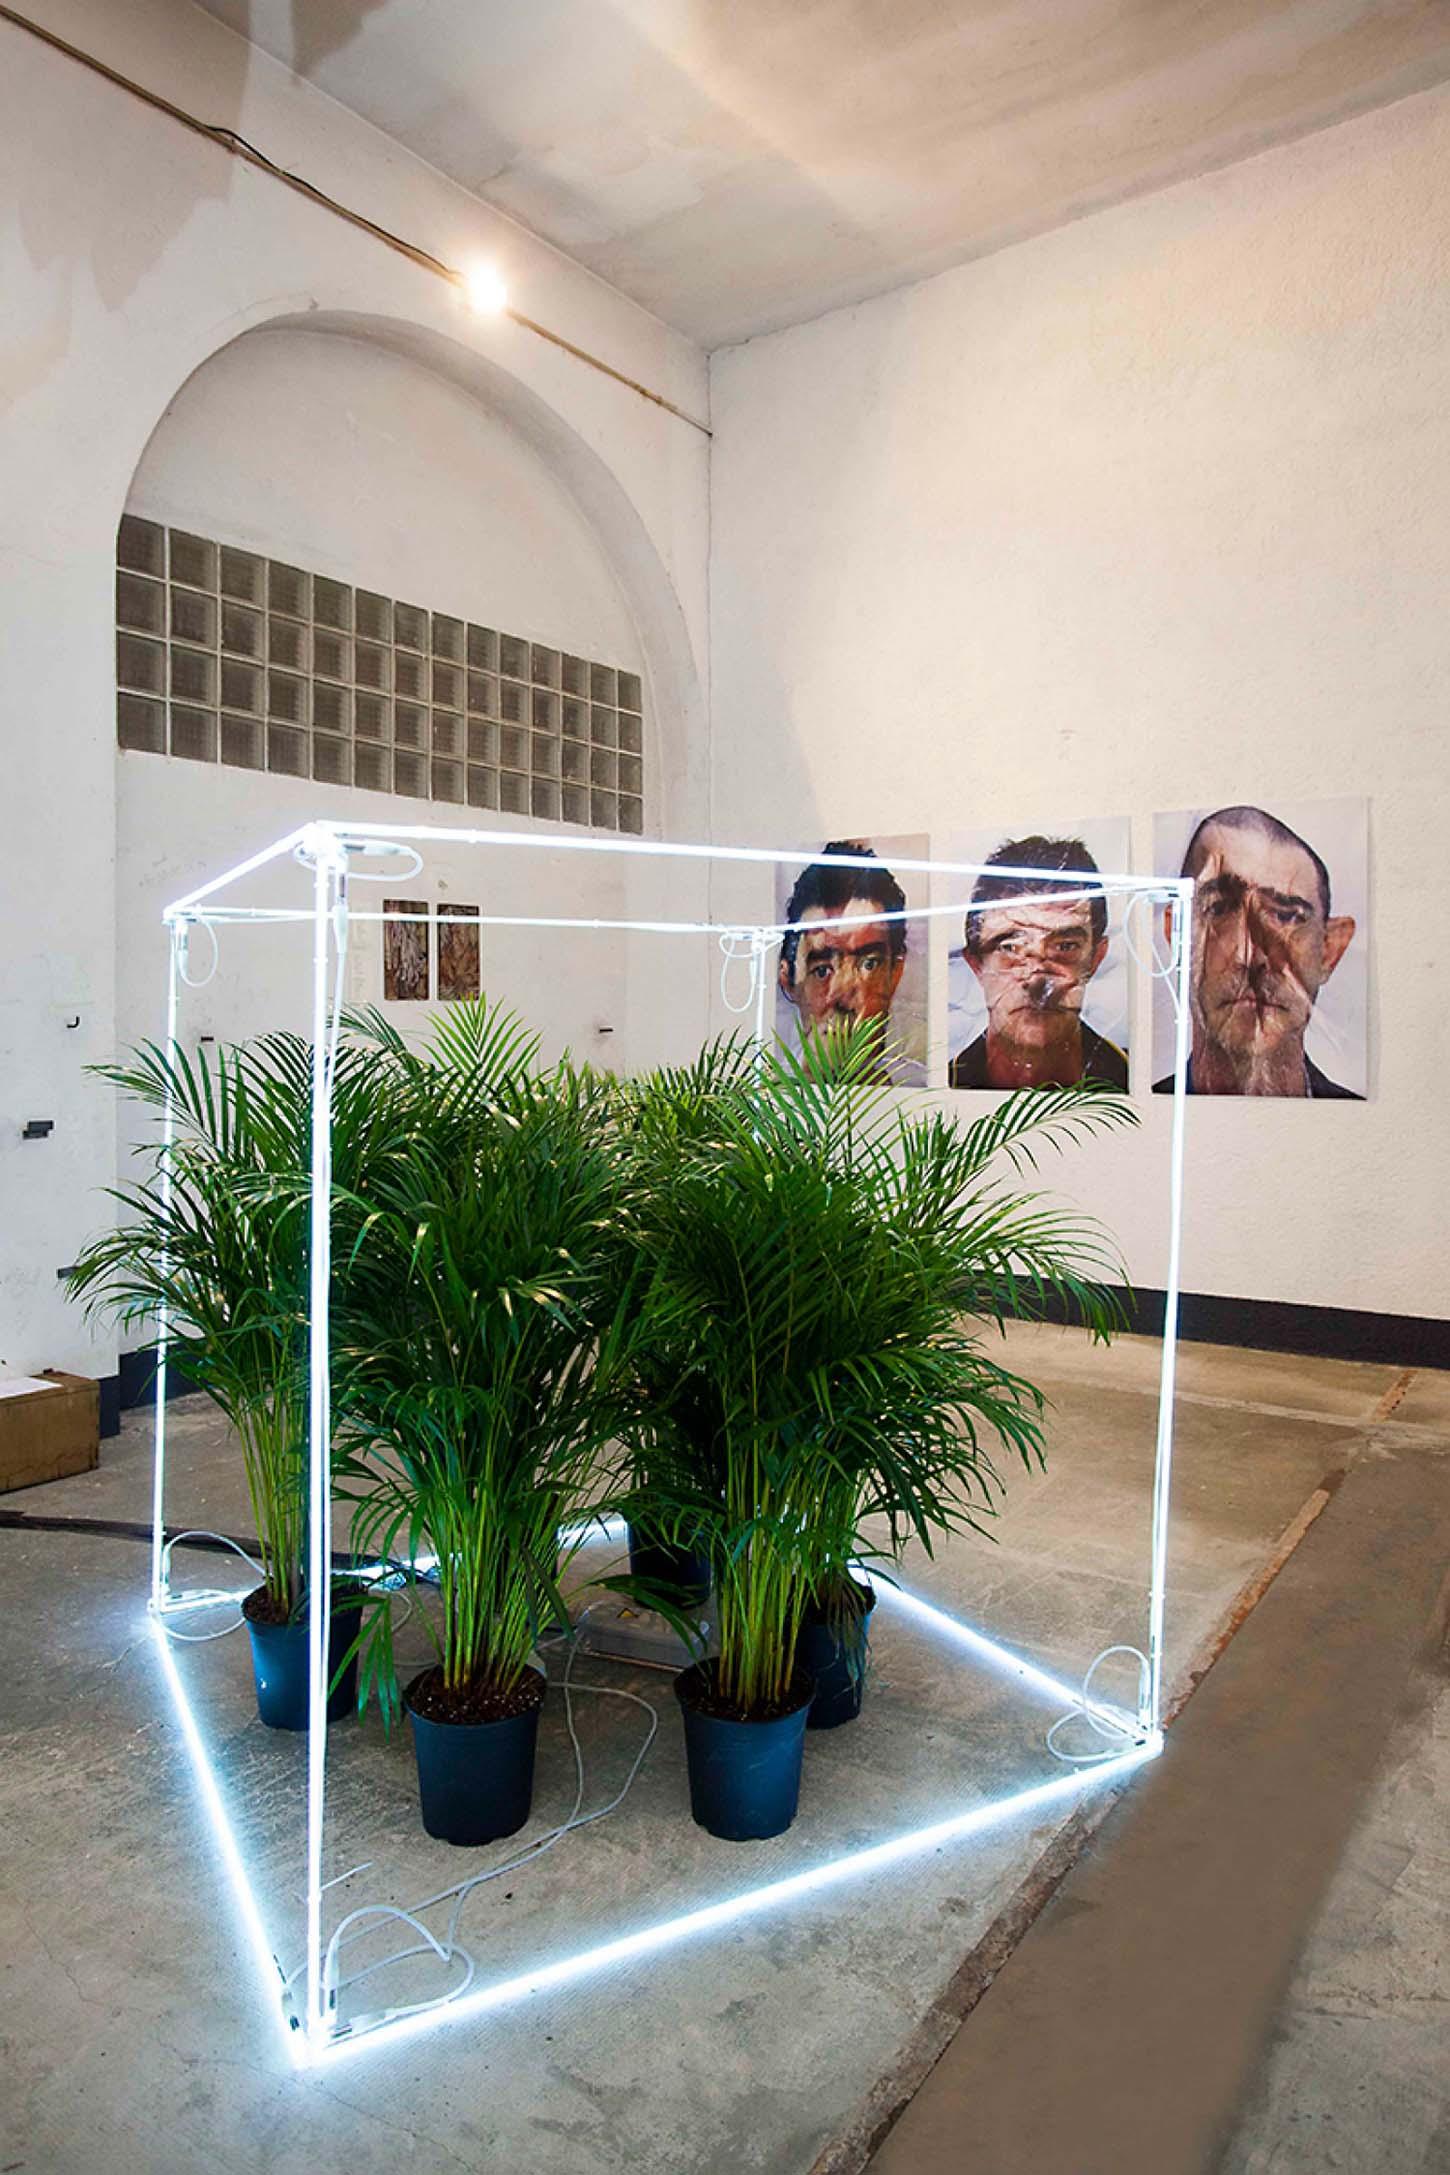 Espace A VENDRE, le Château, comme dans un jardin,  Kleber Matheus  Cube 150 cm3, Nice - France, 2016. Exemplaire unique.